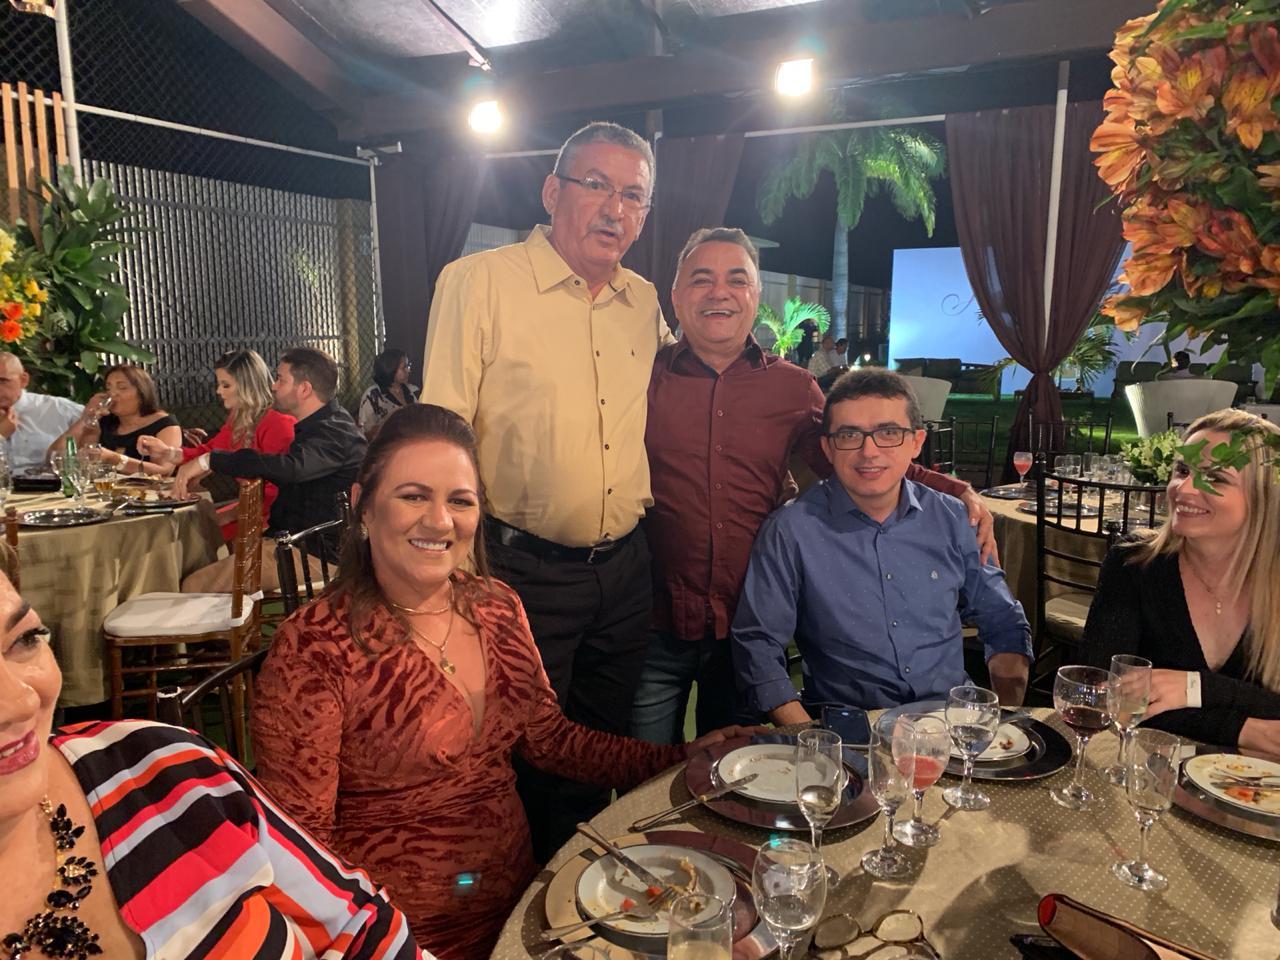 WhatsApp Image 2019 09 22 at 10.04.43 2 - Políticos e empresários comemoram os 90 anos de Zé Cavalcanti, em Cajazeiras - VEJA FOTOS E VÍDEOS